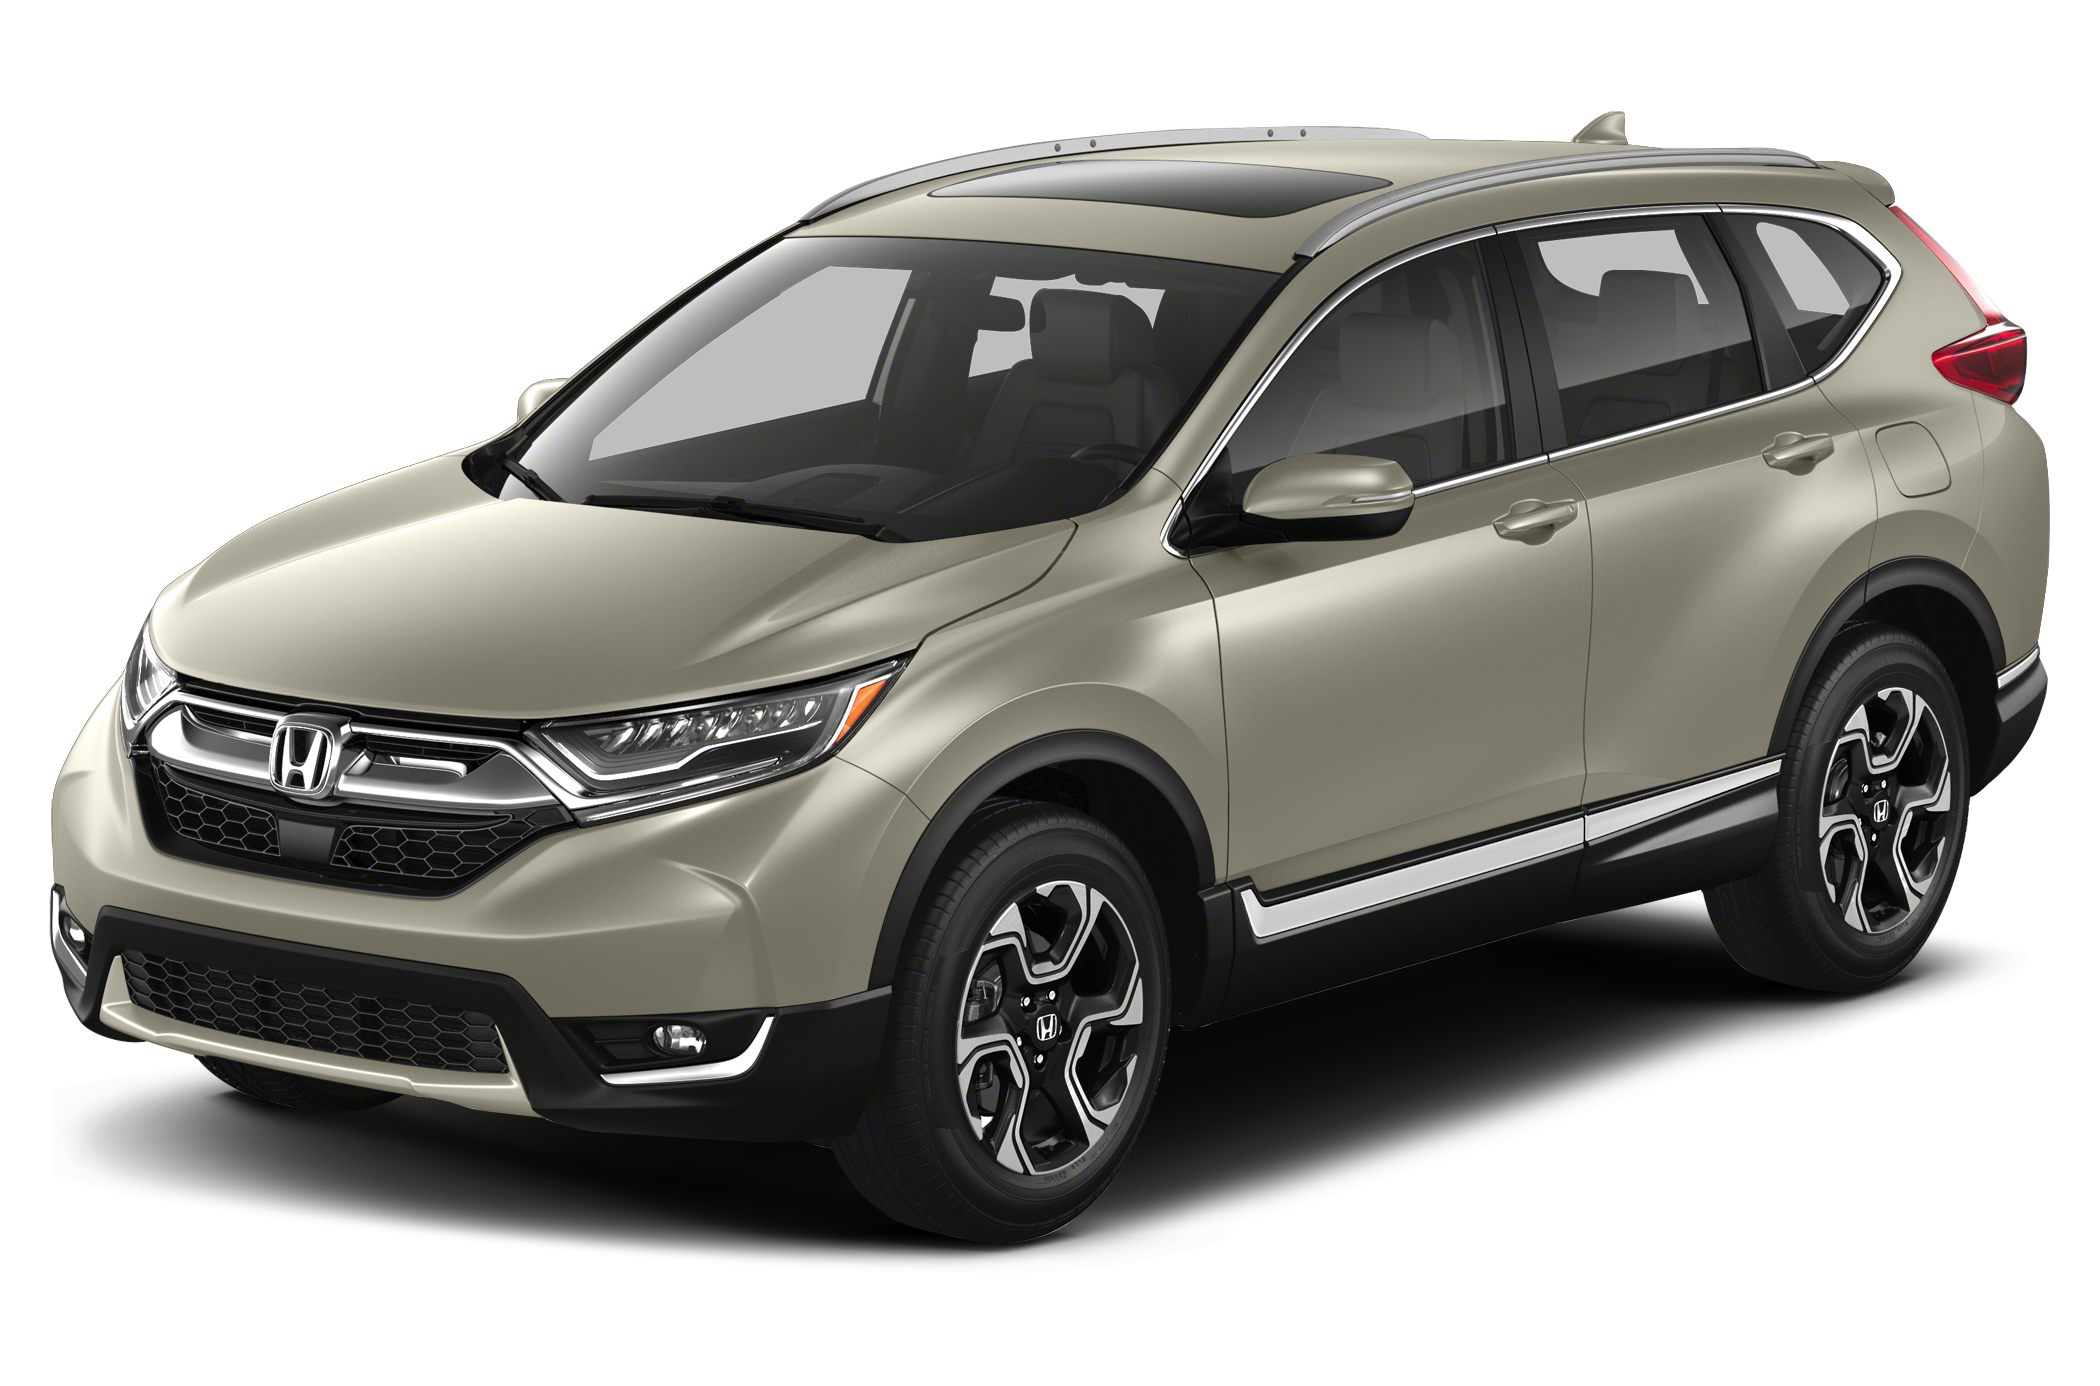 2017 honda cr v reviews specs and prices cars